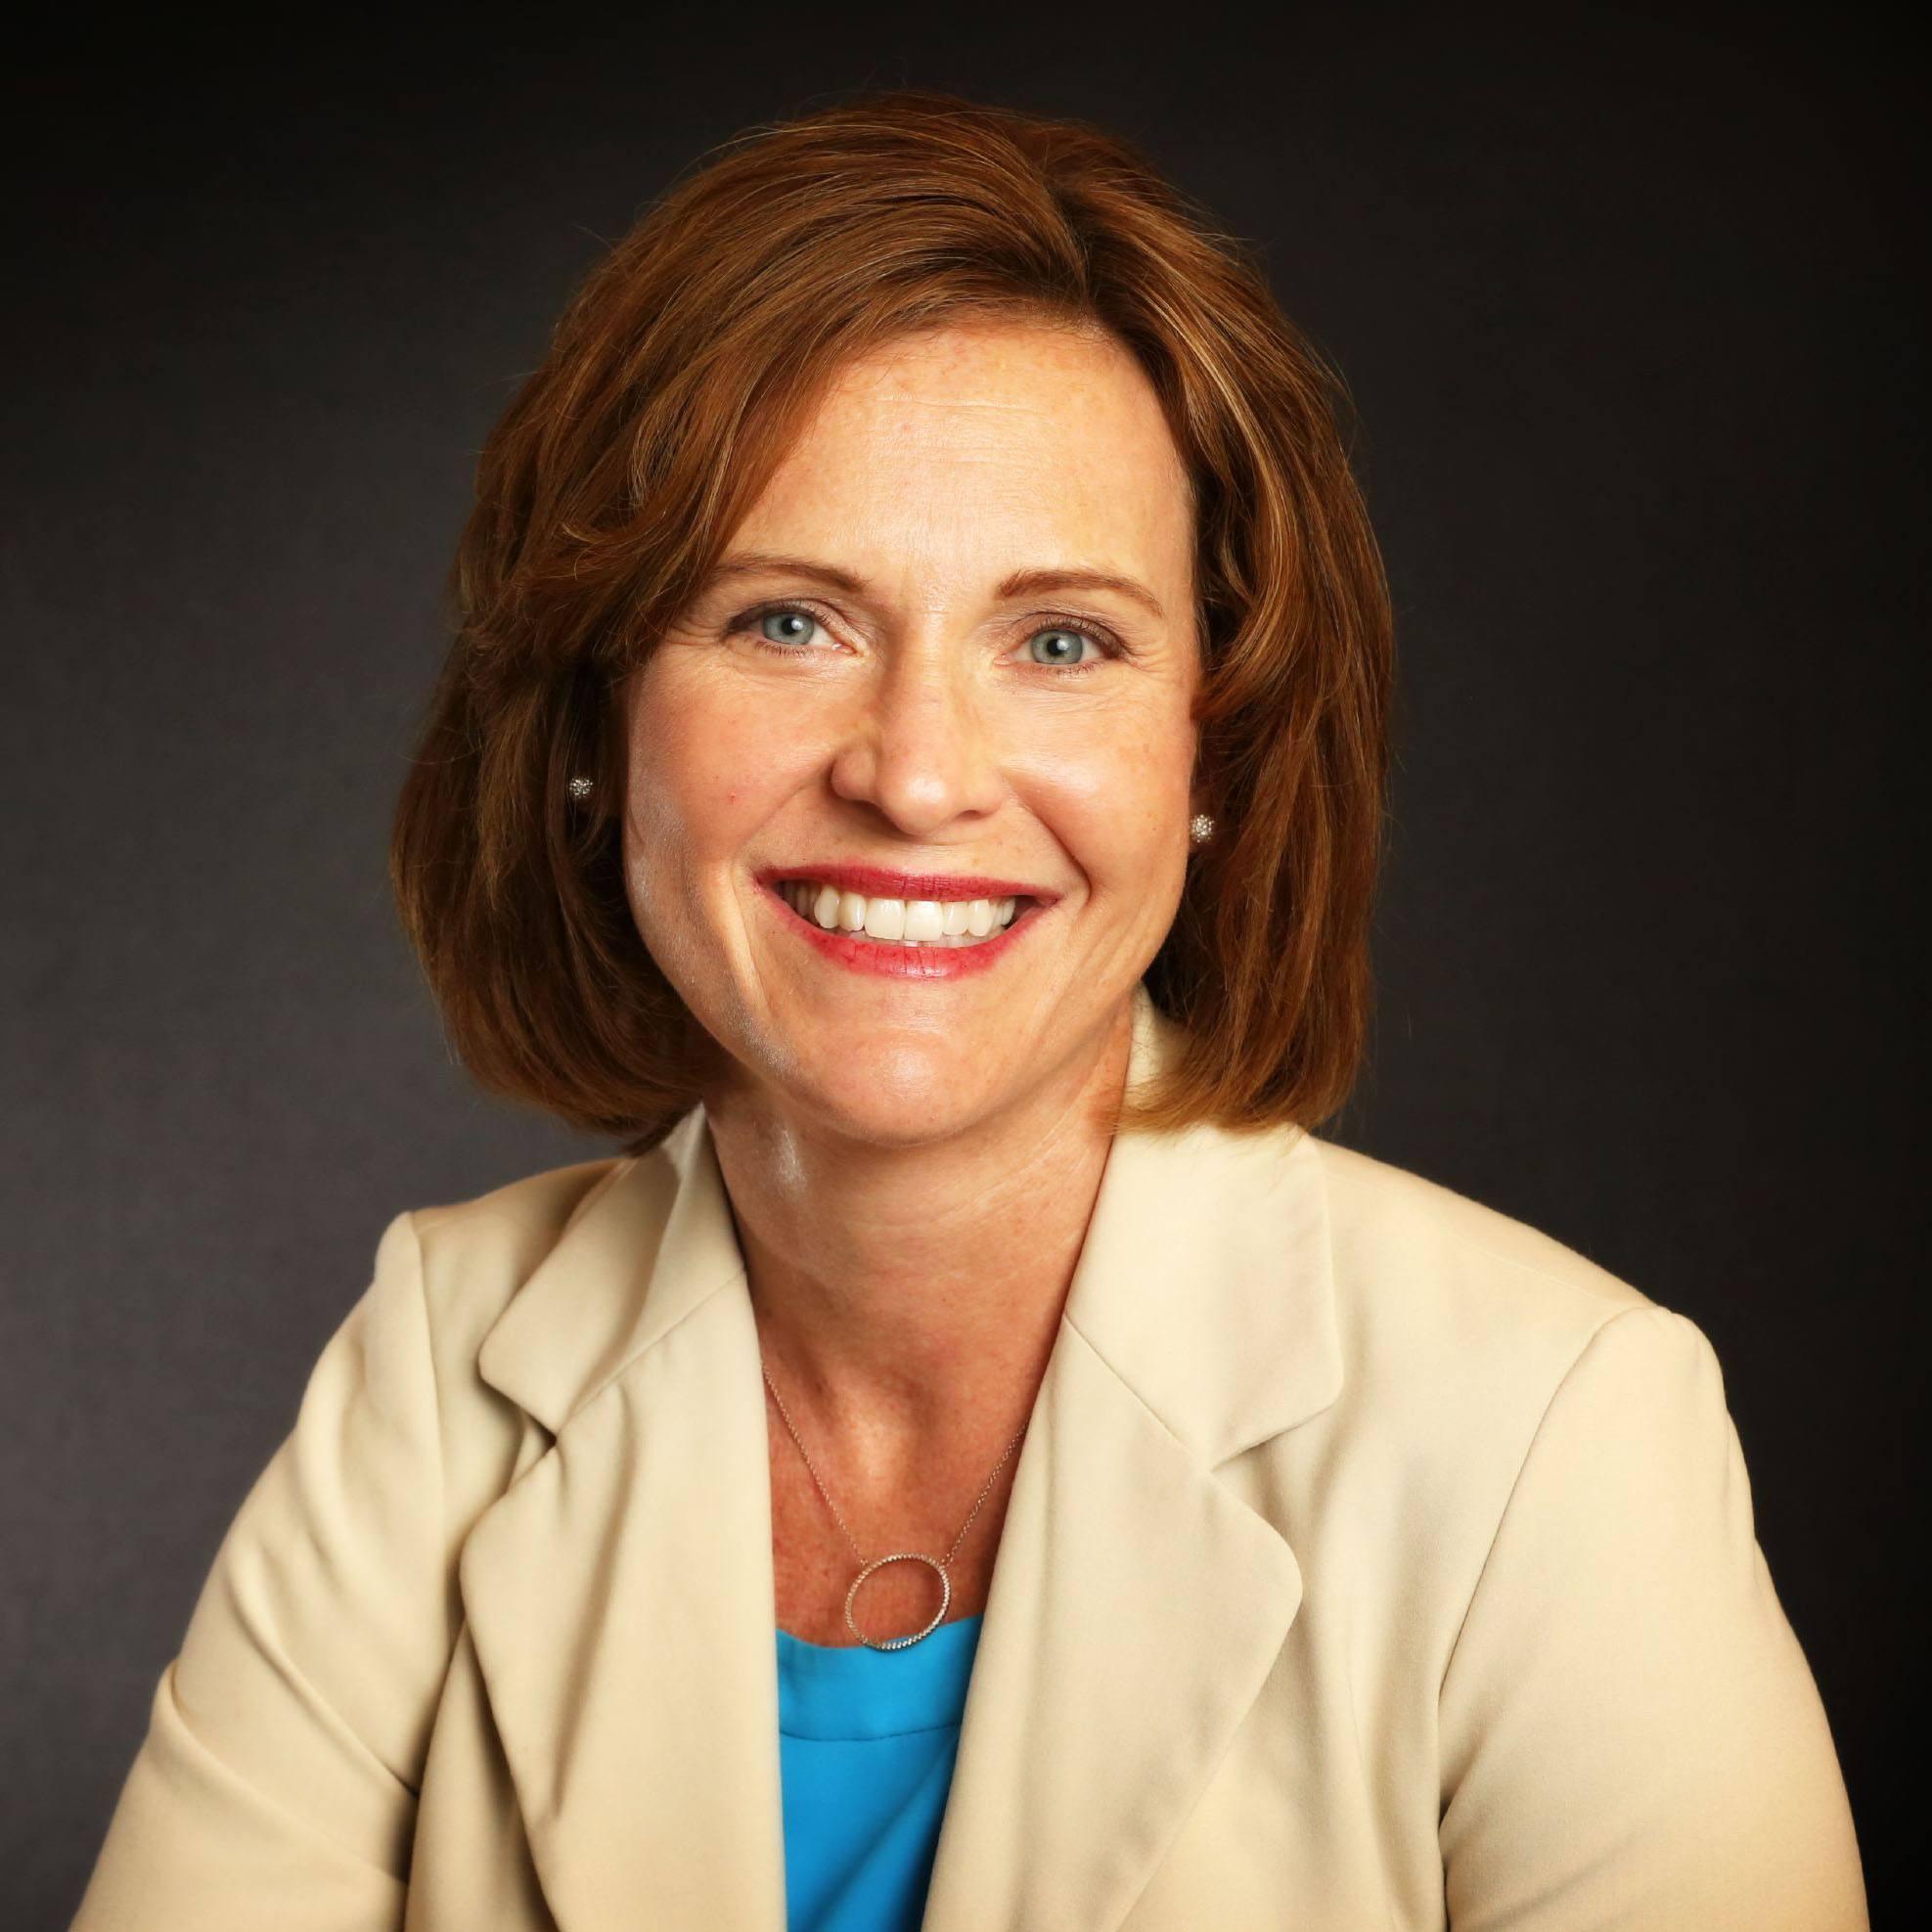 Rebecca Ogle, CFO at Safety Management Group